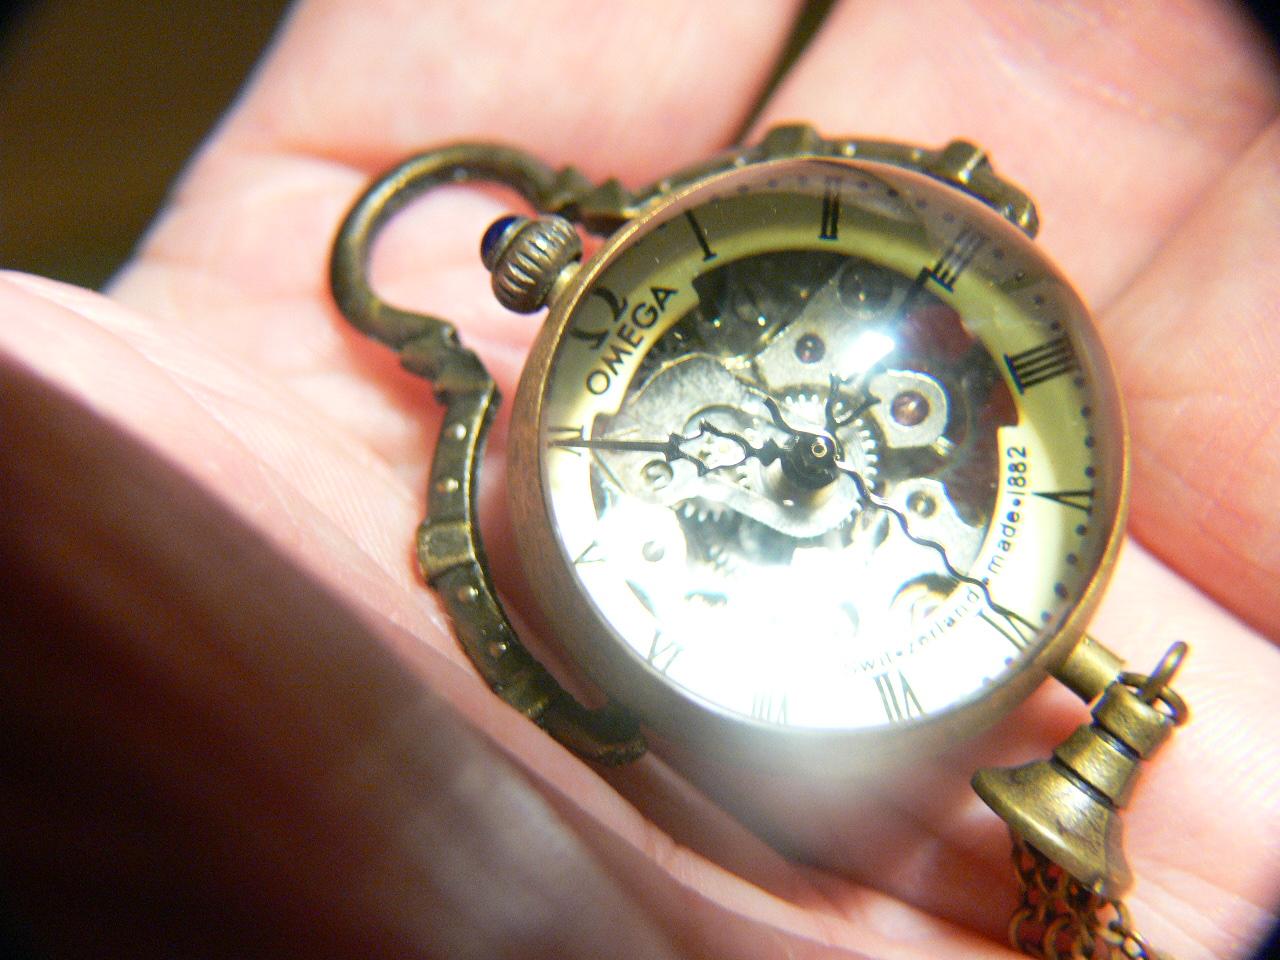 Трансантик (магазин и аукцион антиквариата и предметов старины) предлагает: часы